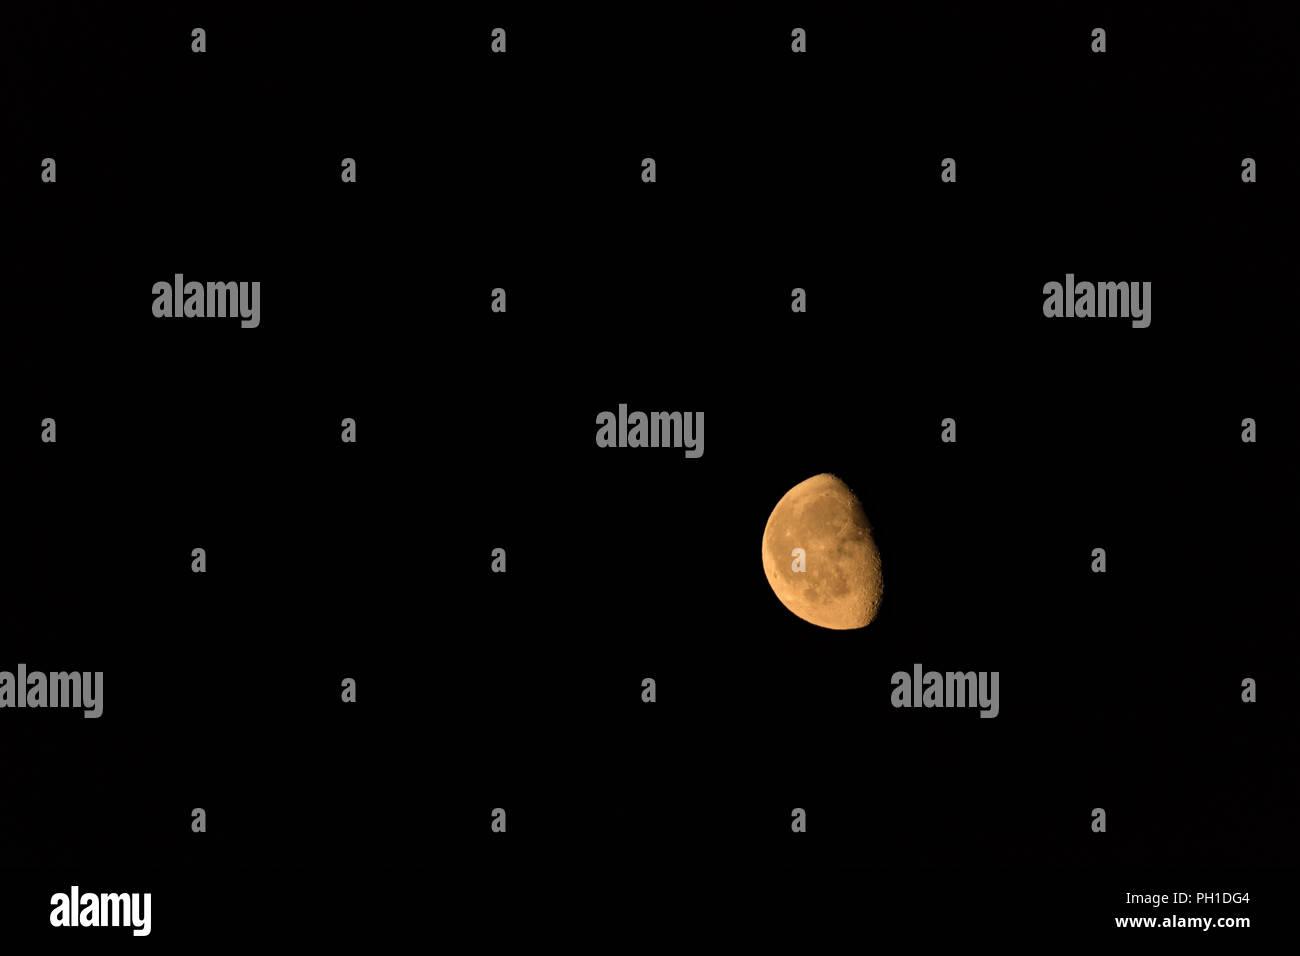 Depilación de cuarto de luna Foto & Imagen De Stock: 217006164 - Alamy